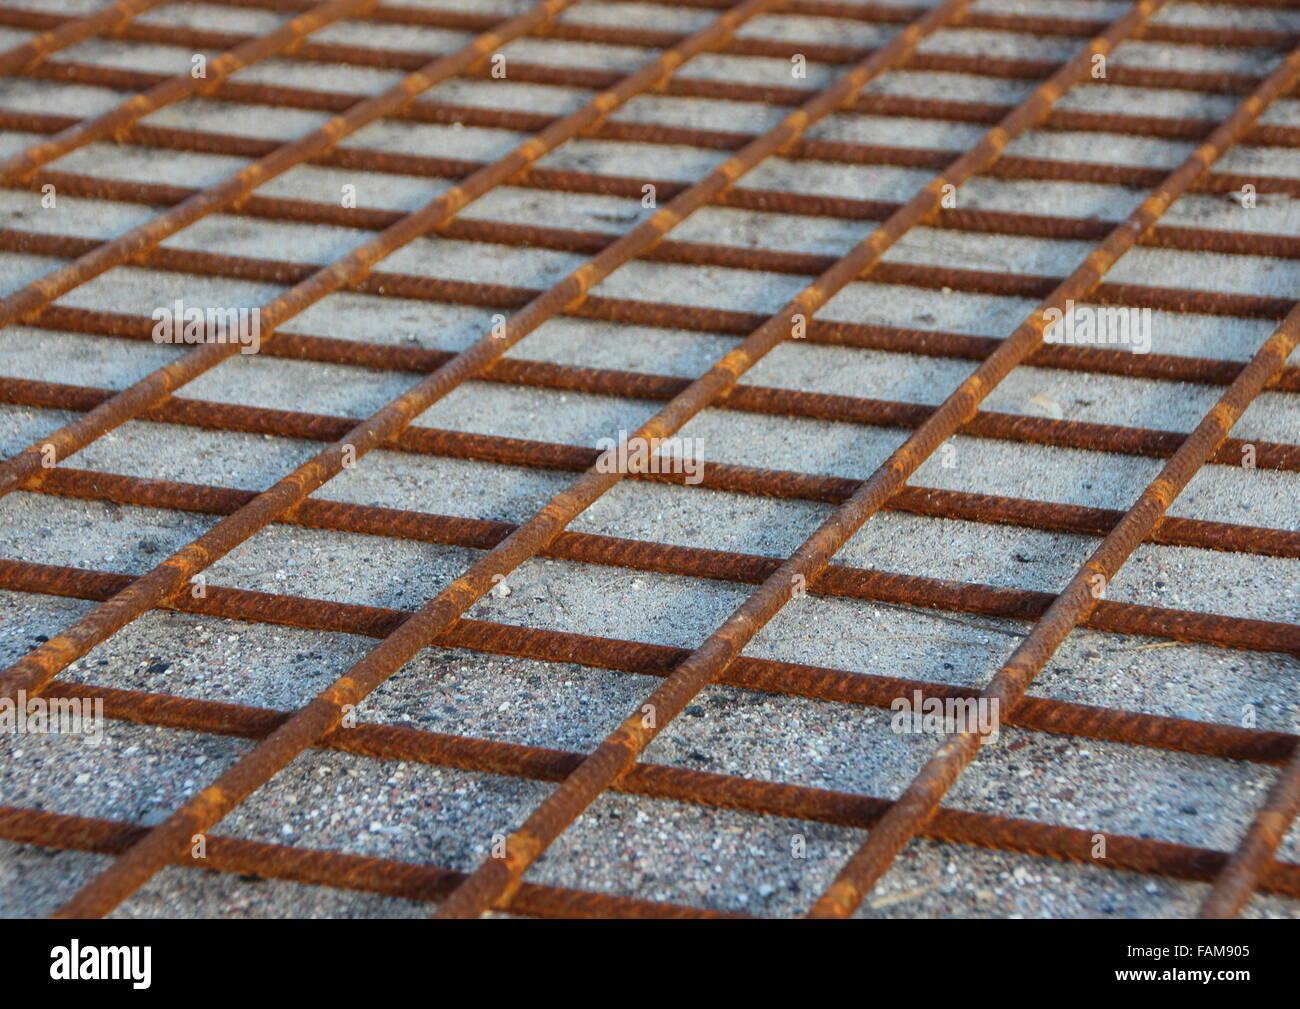 Rusty Metall Stiftung Konstruktionsraster auf Sand Hintergrund Stockbild